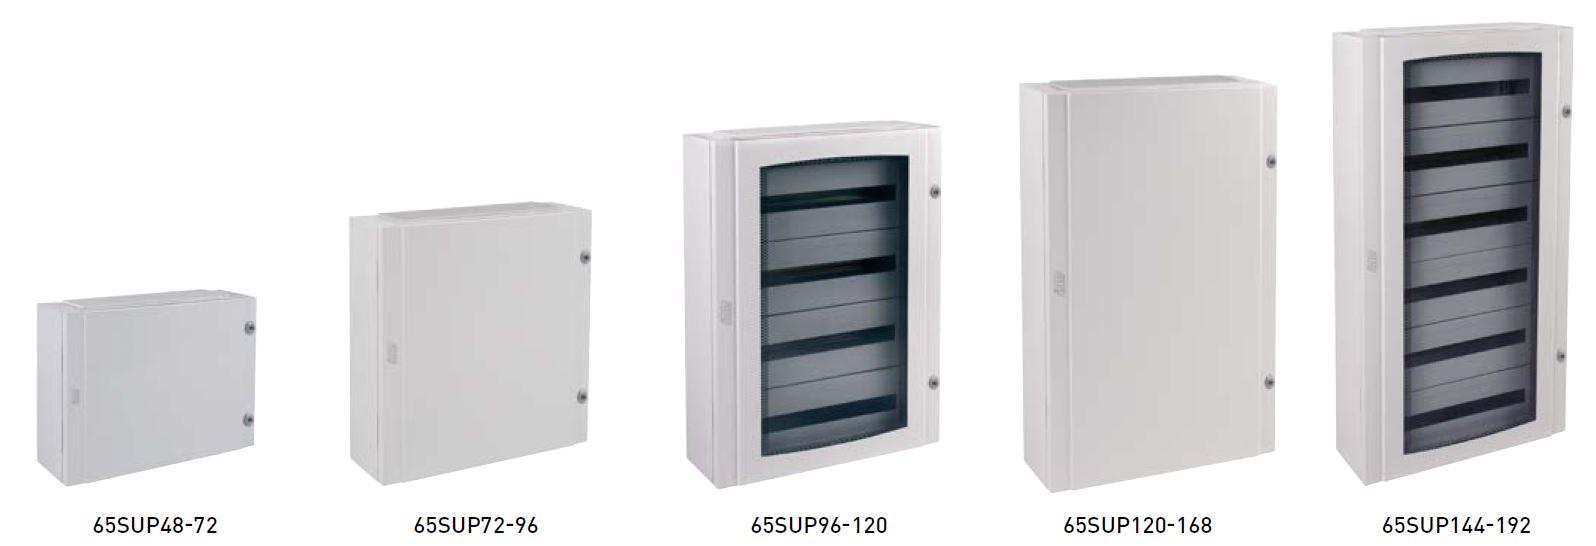 les differentes versions de l armoire electrique etanche atlantic ip65